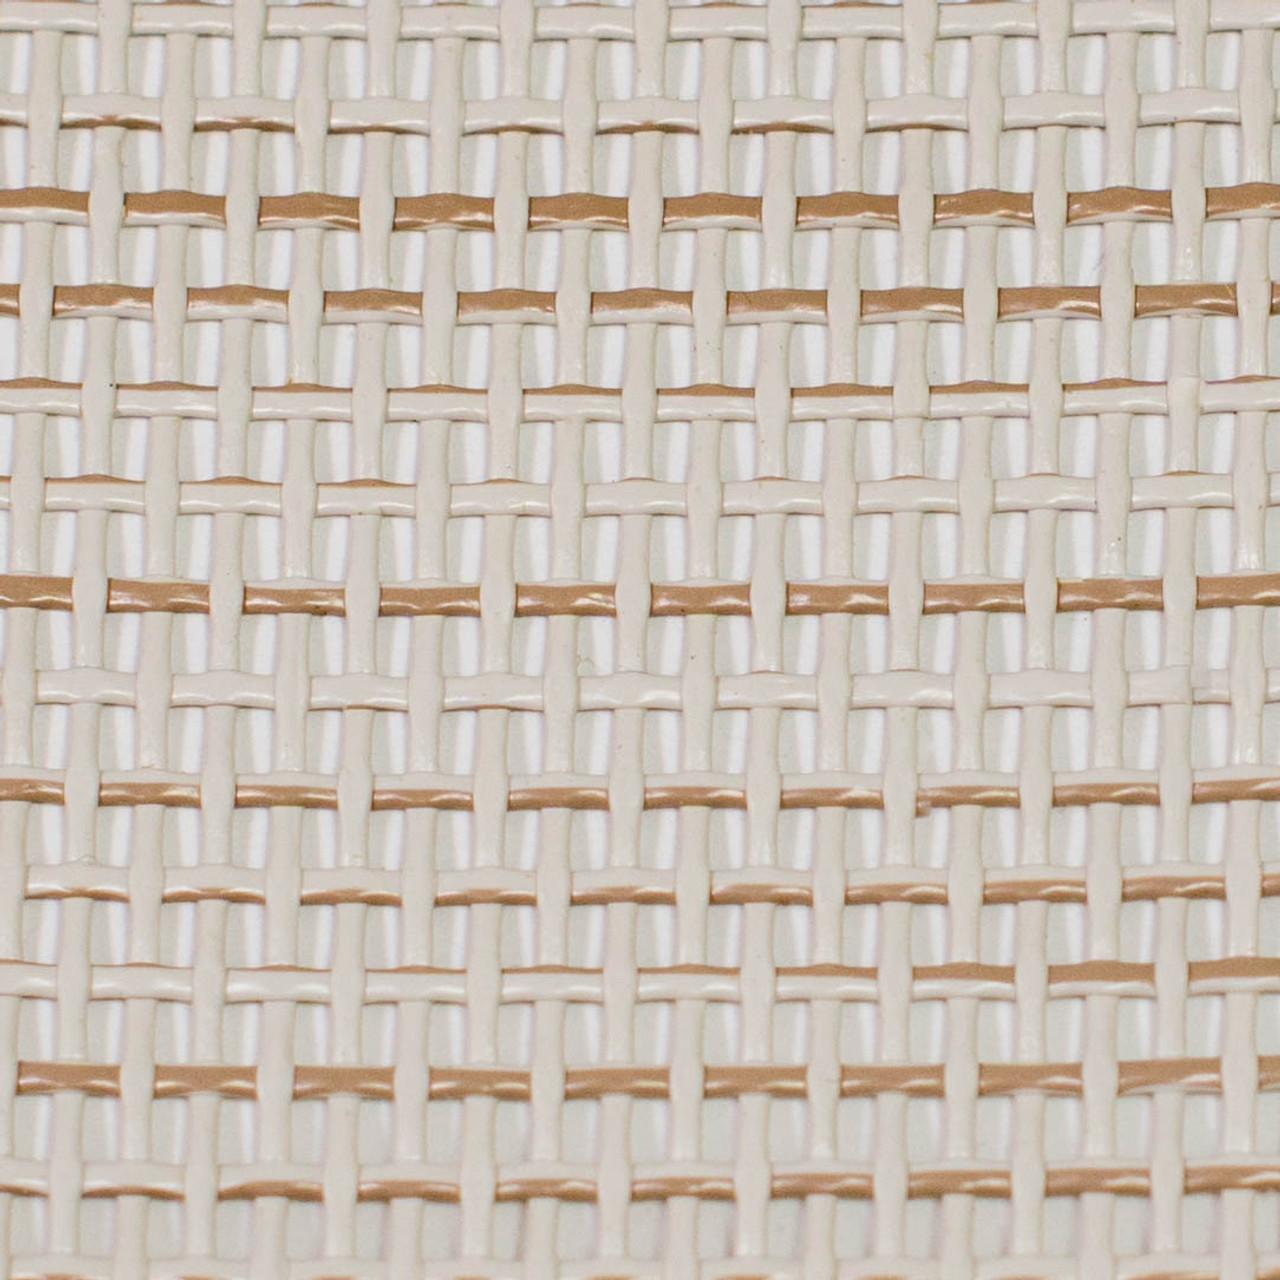 Linen Pet Screen 54 Inch x 25 Ft